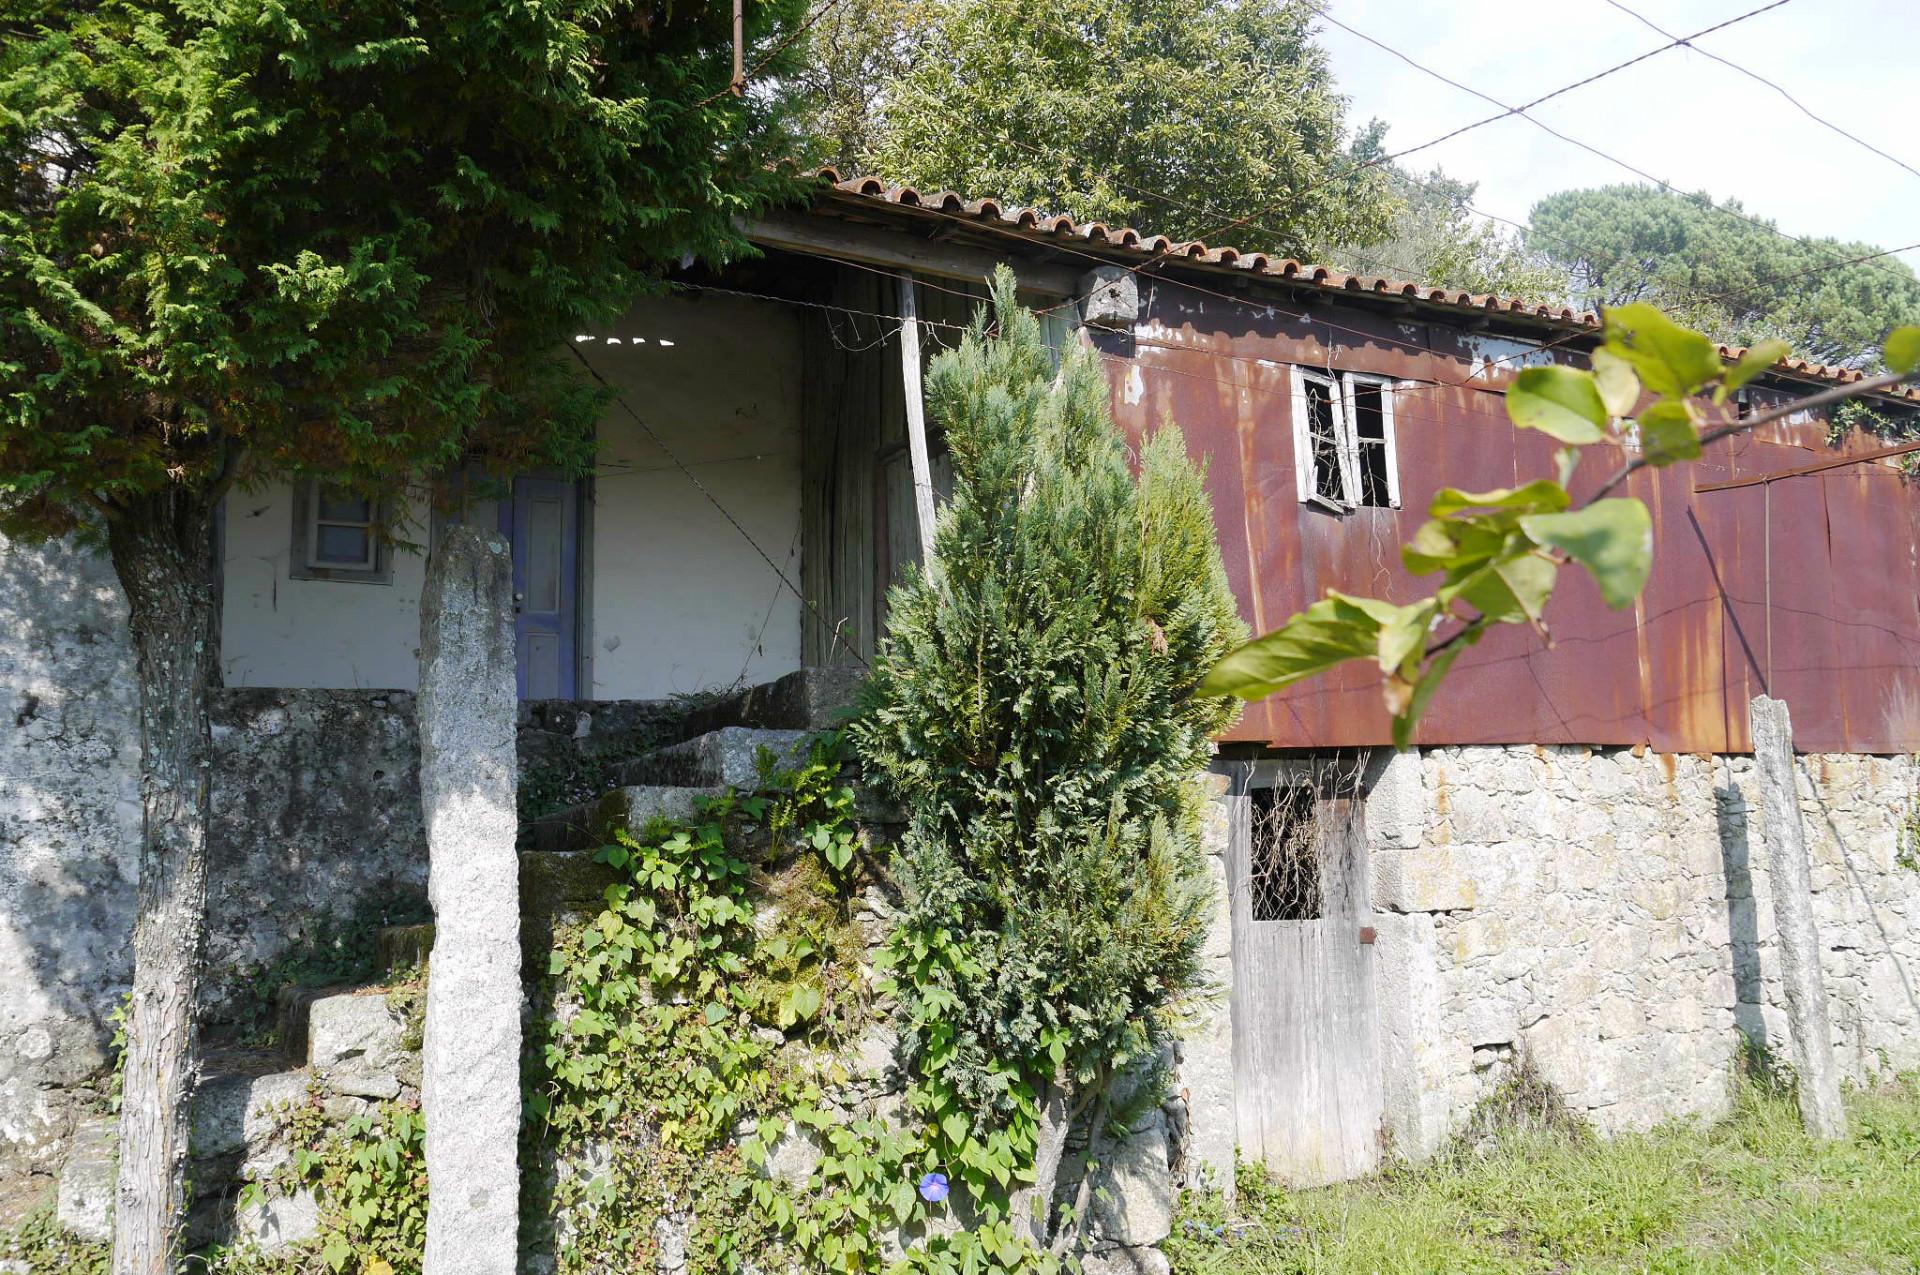 Quintinha, Vila Verde, 3 artigos urbanos, panorâmicas, solarengo, projeto, T2